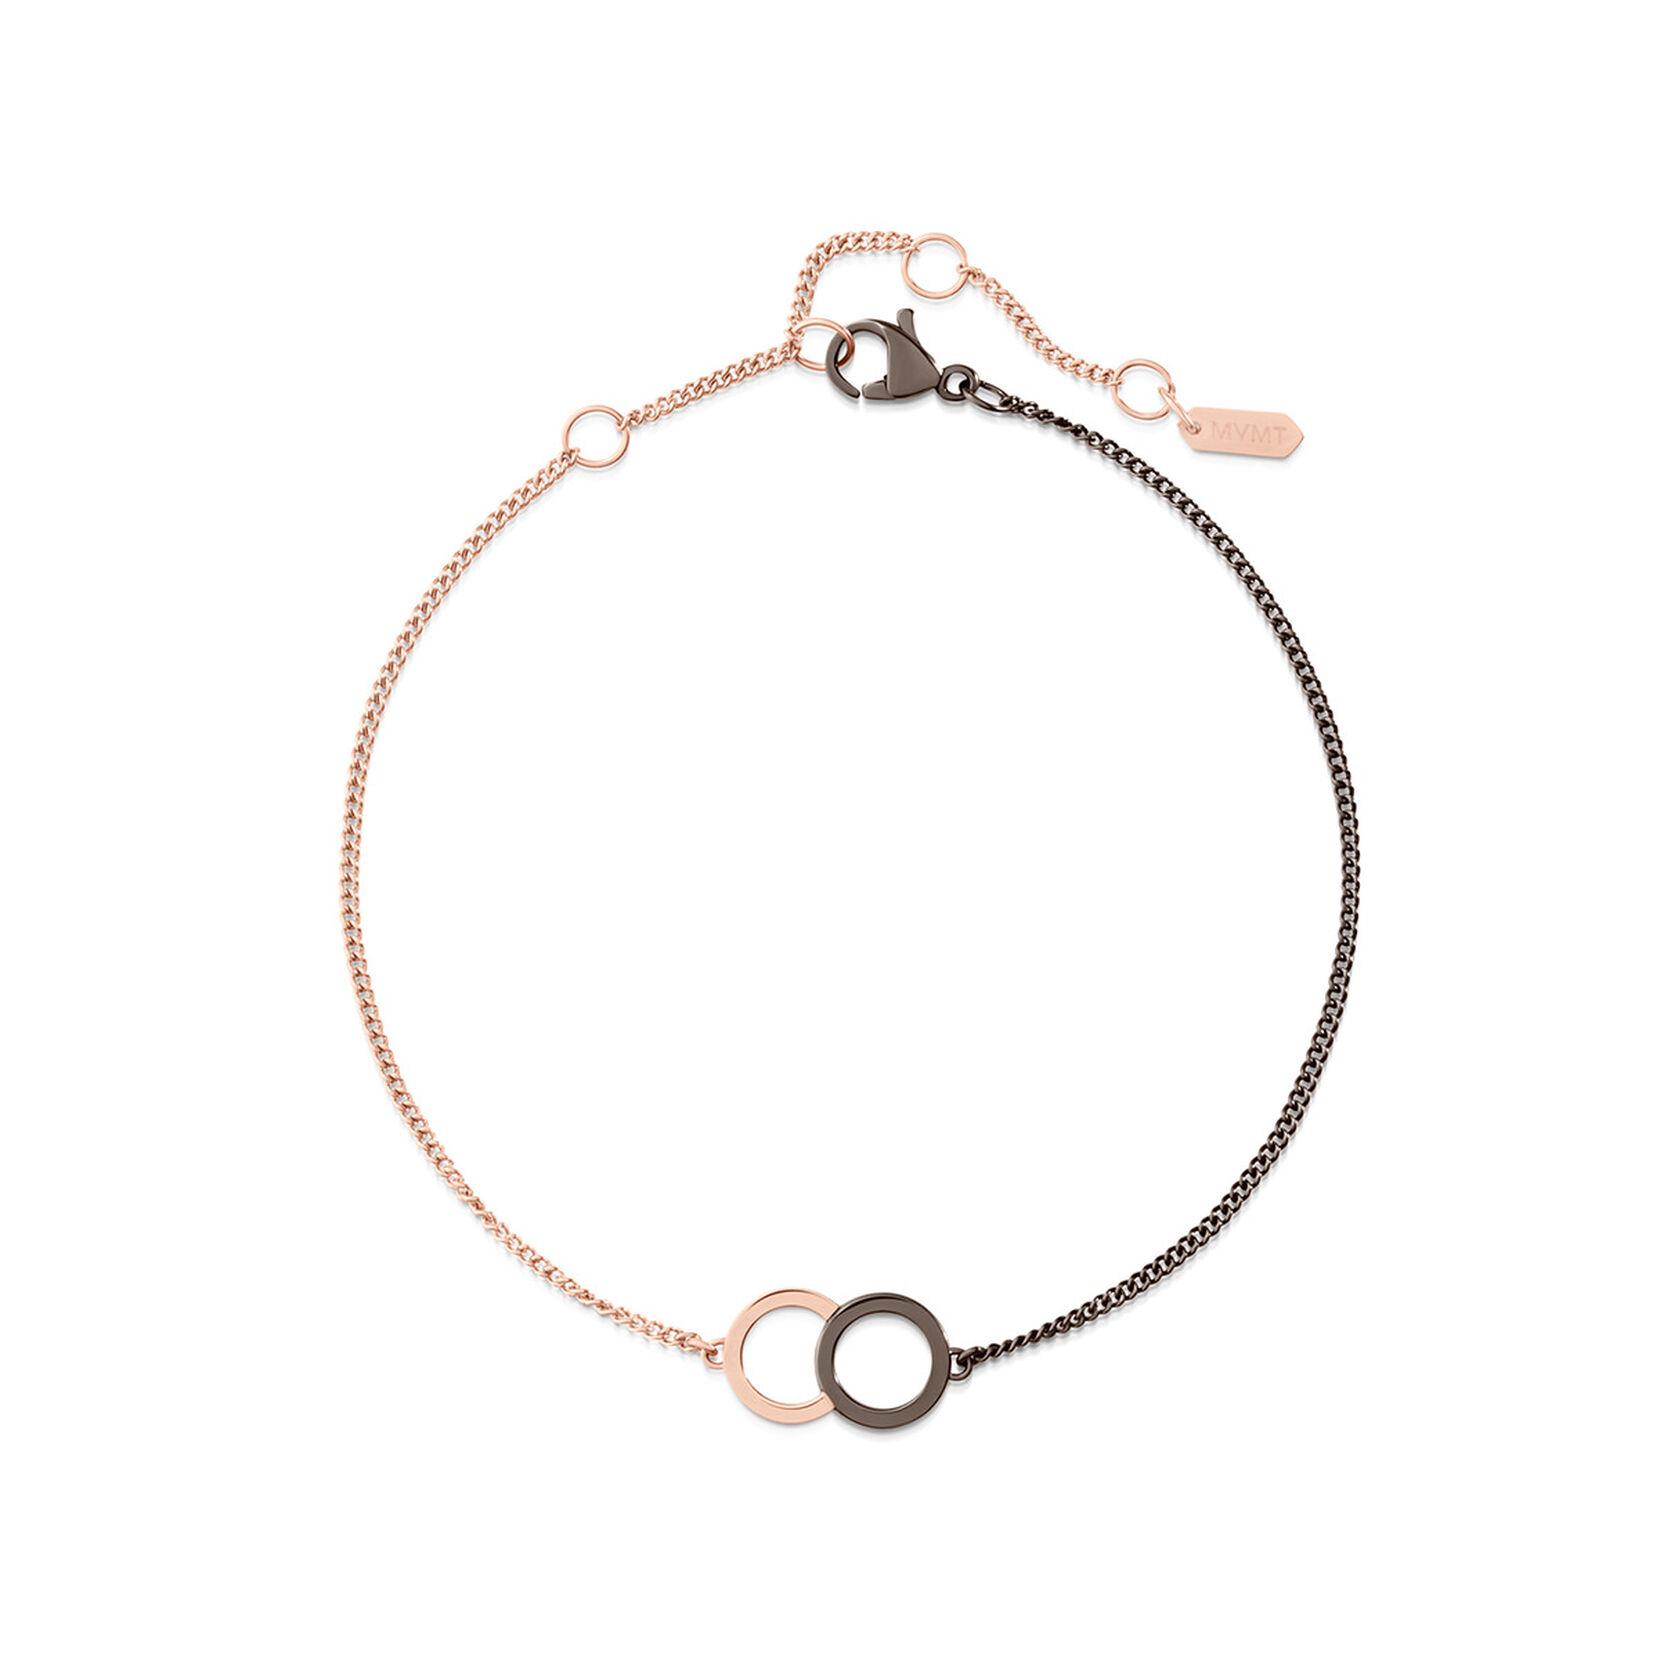 Locked Ring Chain Bracelet